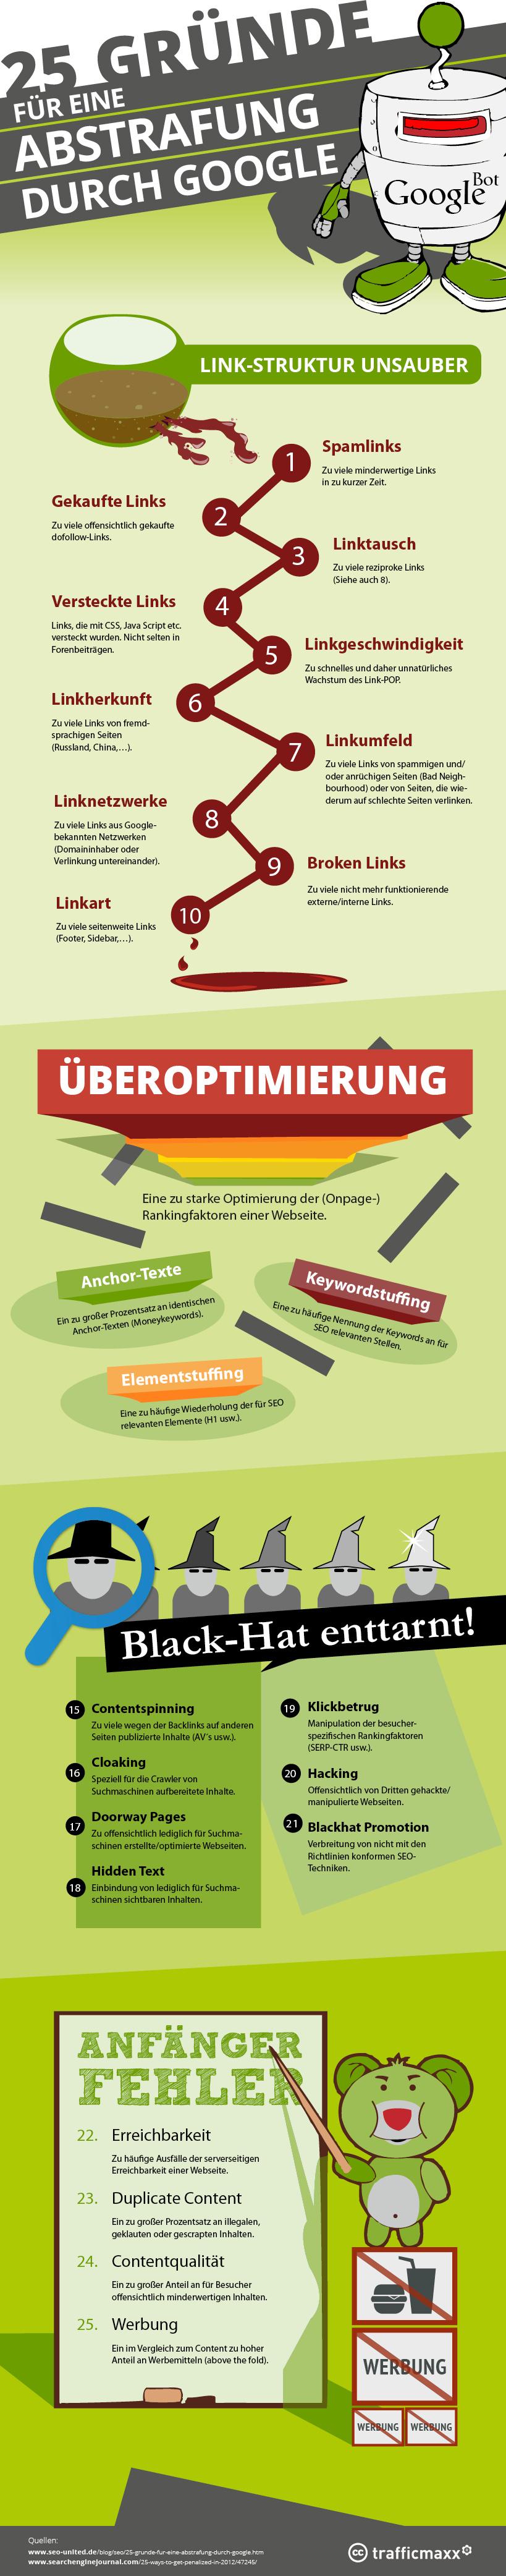 Abstrafung durch Google - Die Gründe als Infografik › trafficmaxx